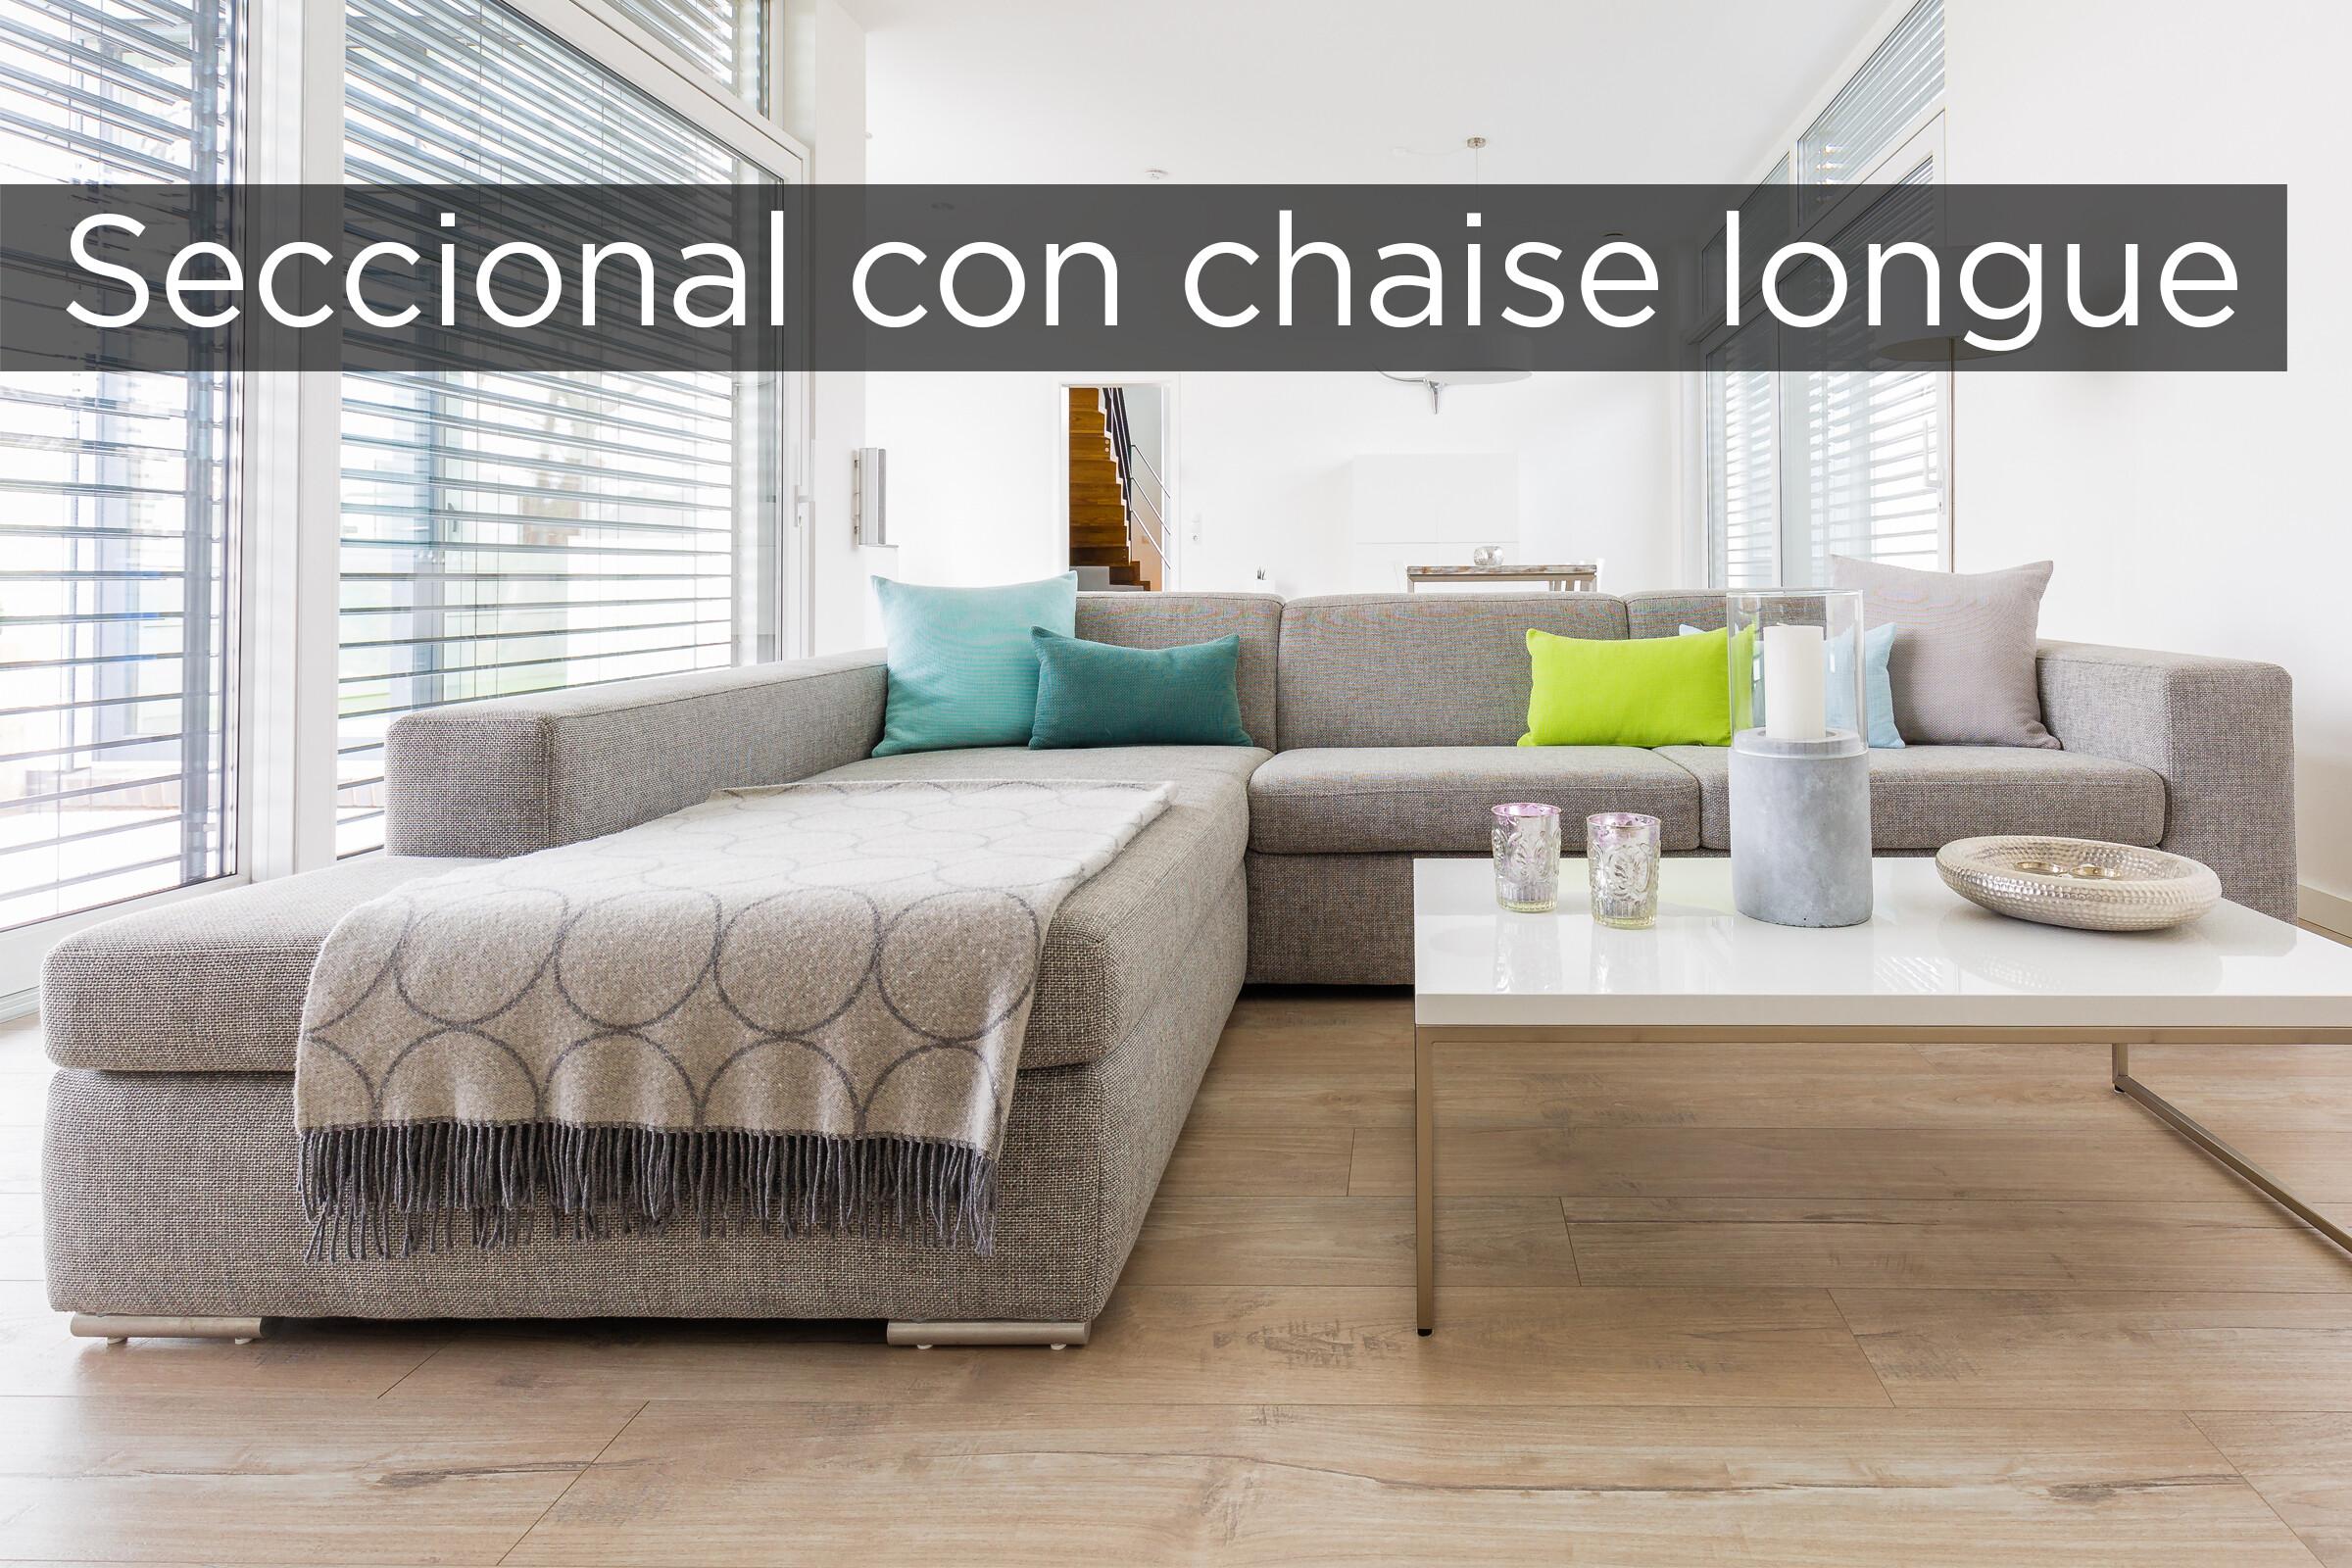 Seccional Con Chaise Longue